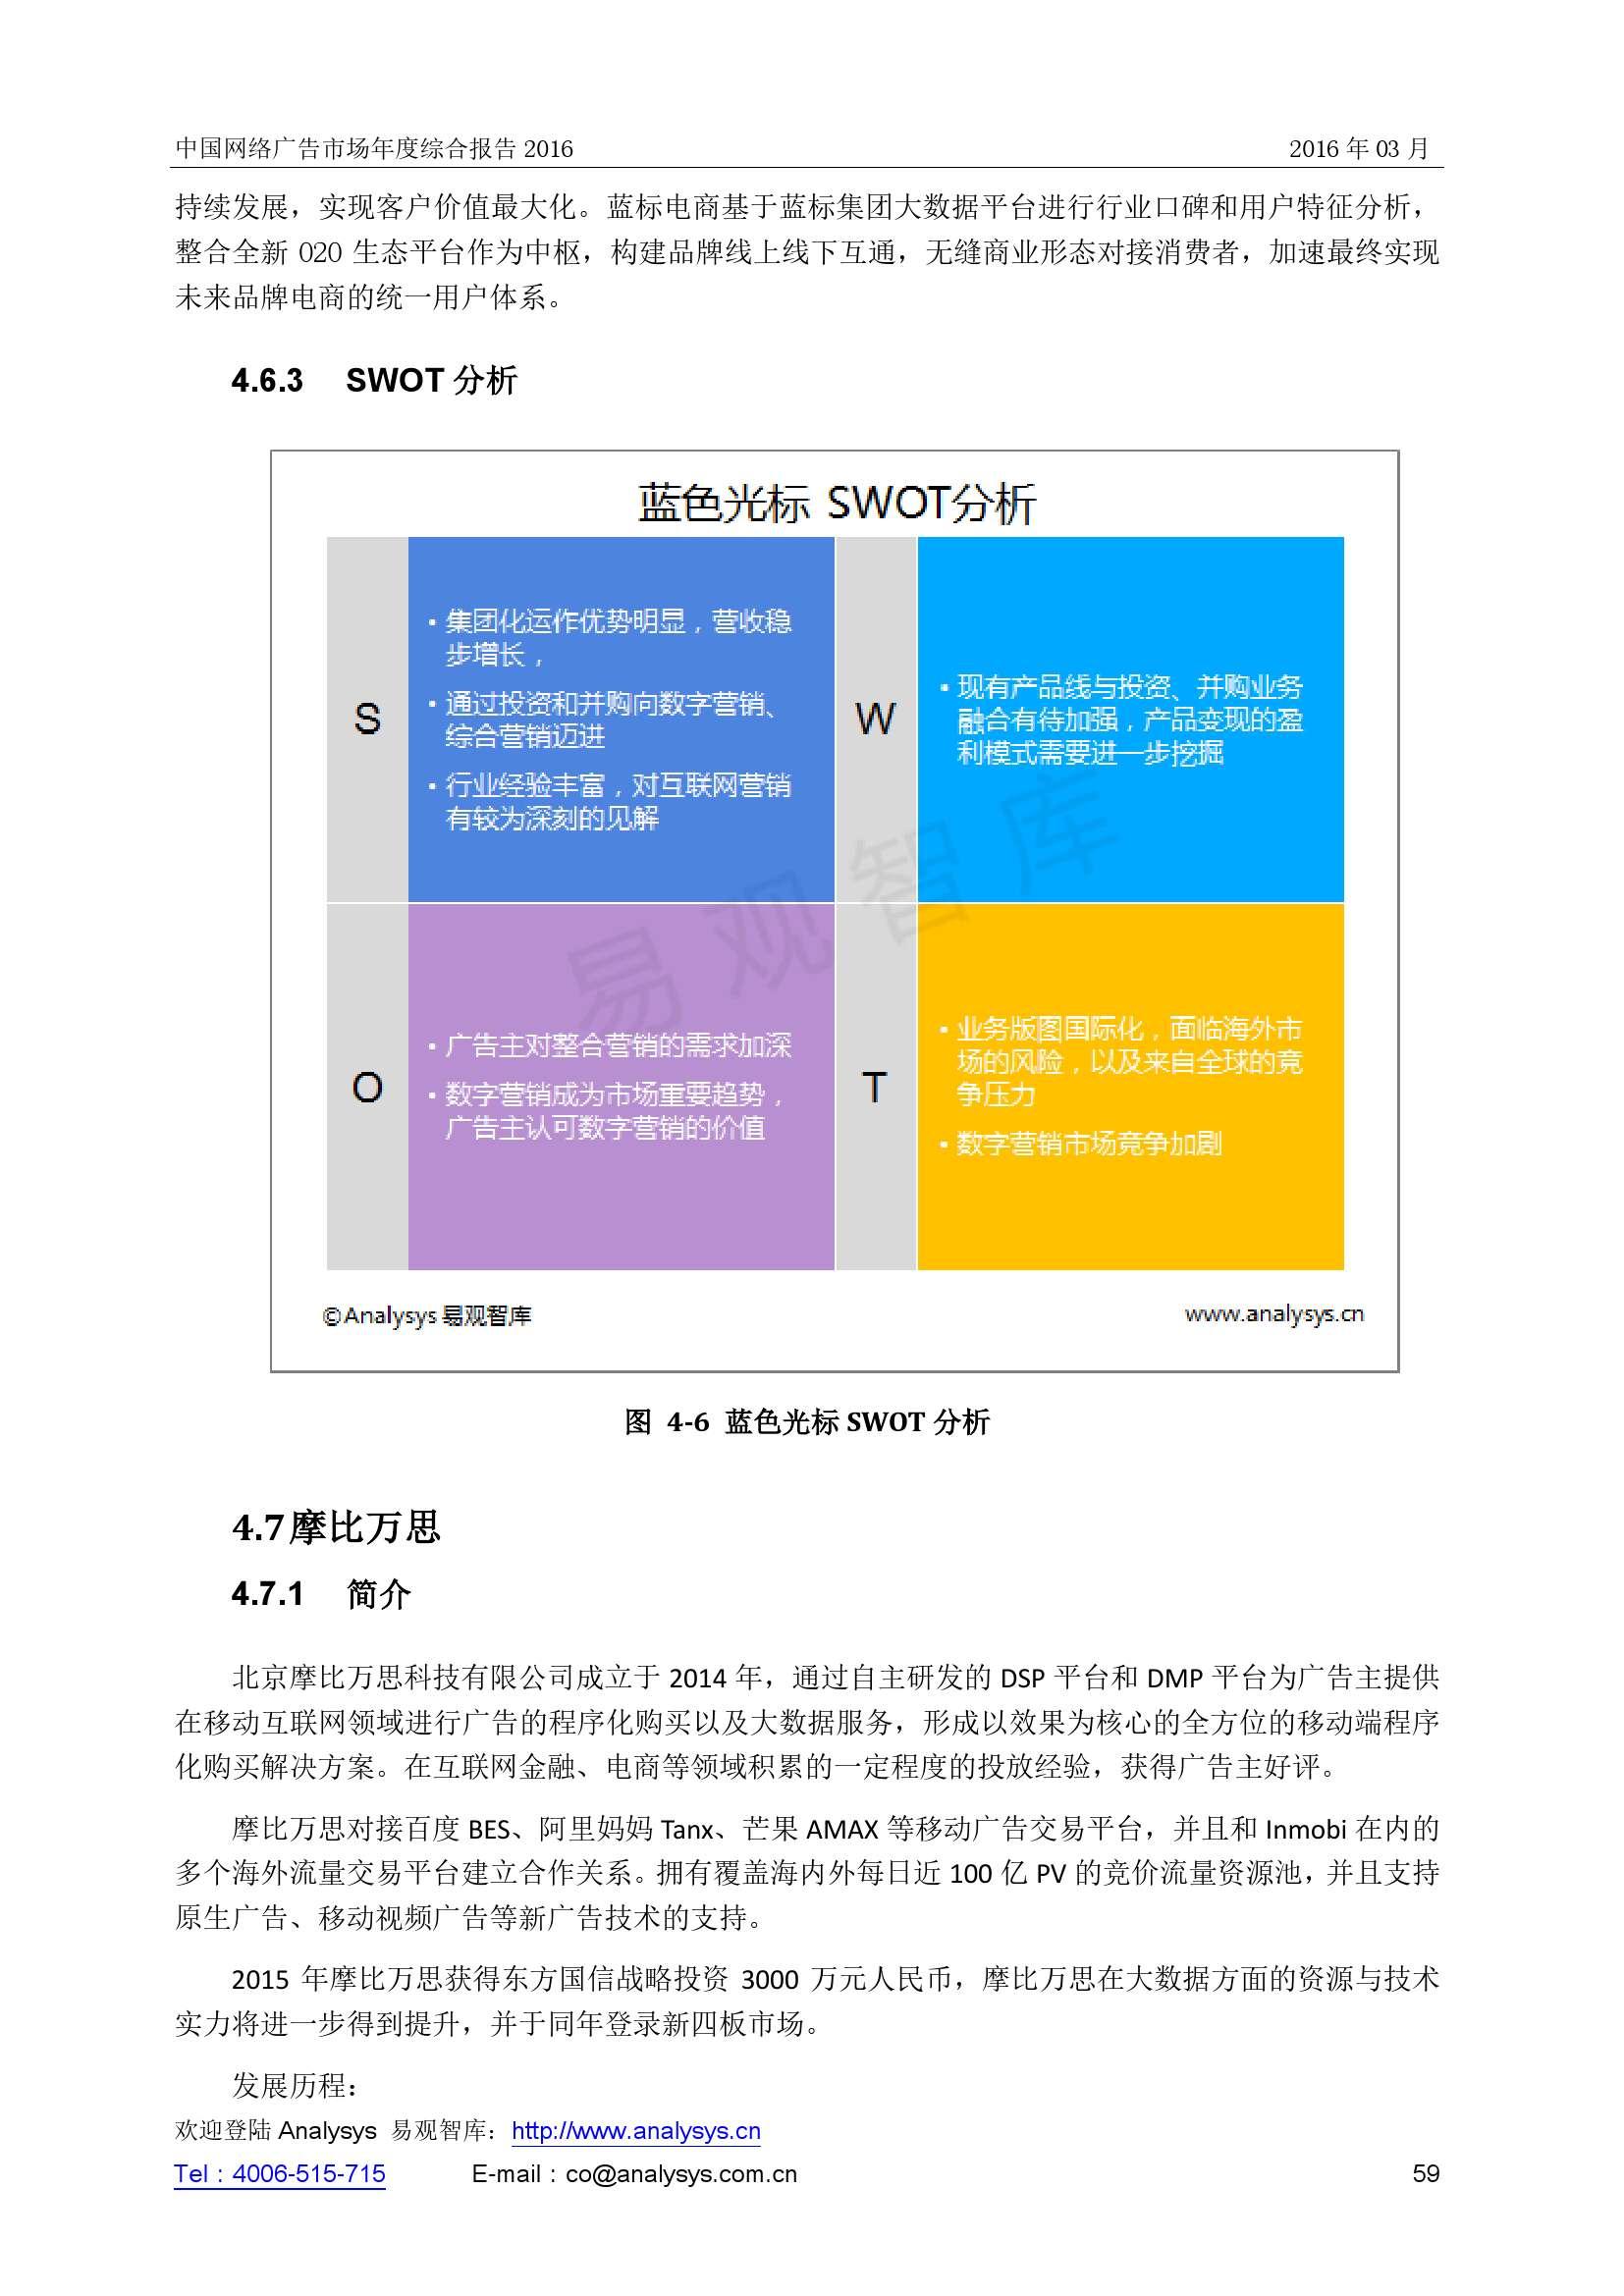 中国网络广告市场年度综合报告2016_000059